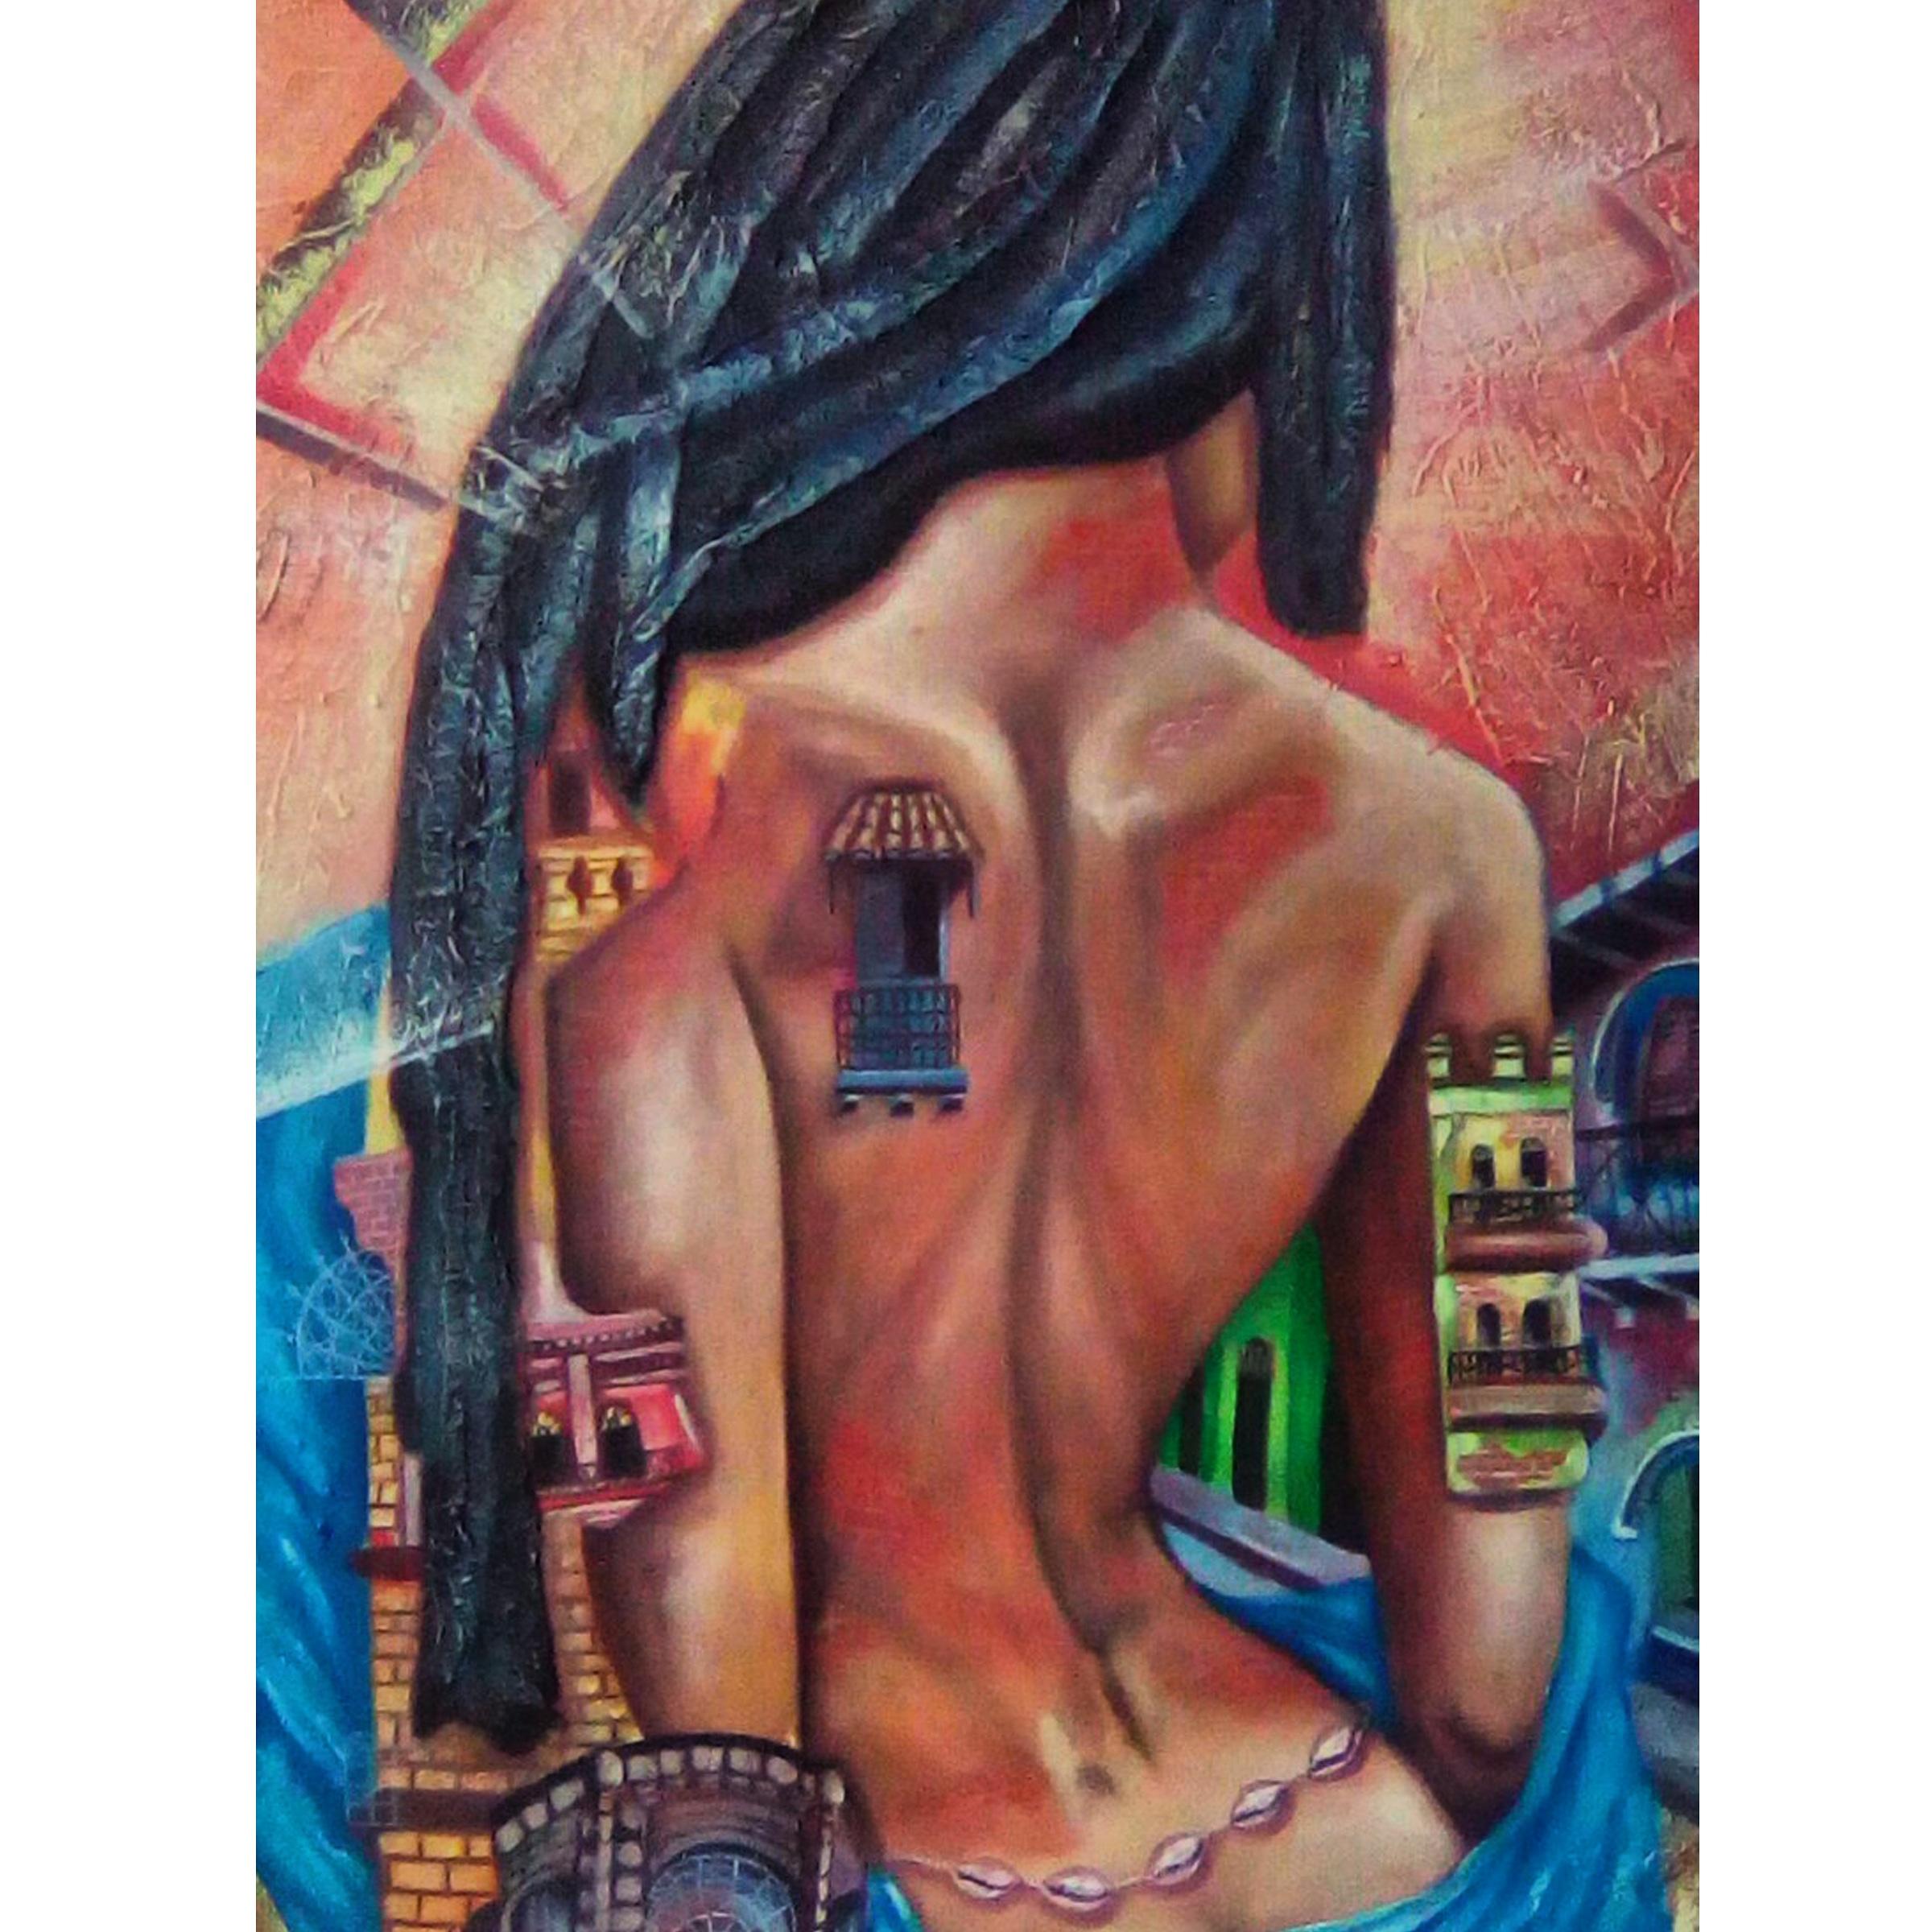 La venus de San Cristóbal (2019) - Lisley Durañon